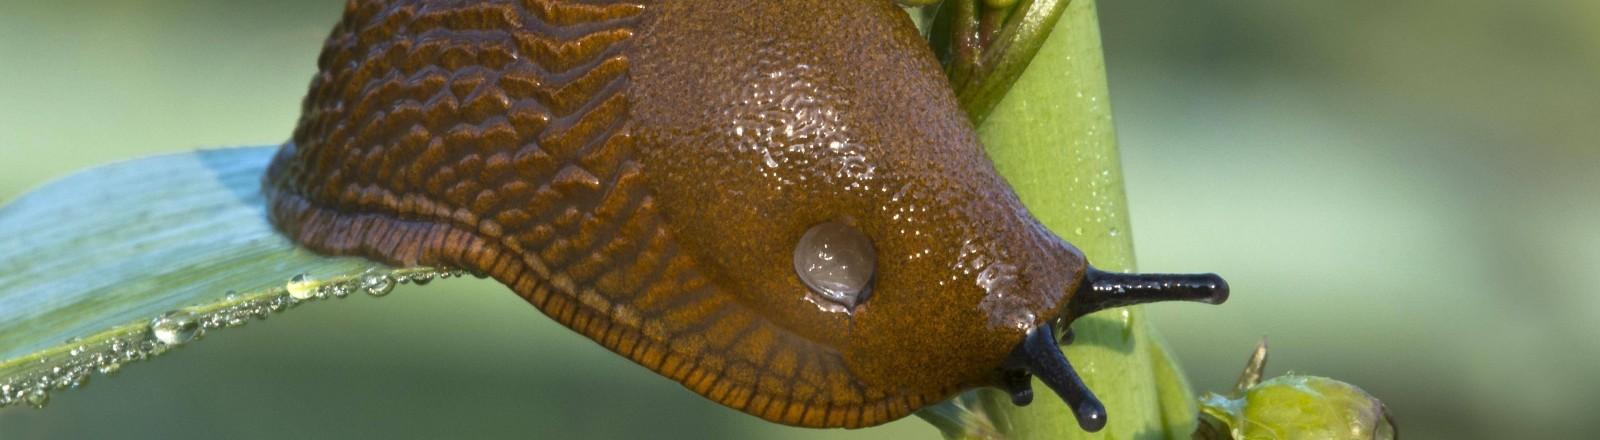 Eine Spanische Wegschnecke auf einer Pflanze